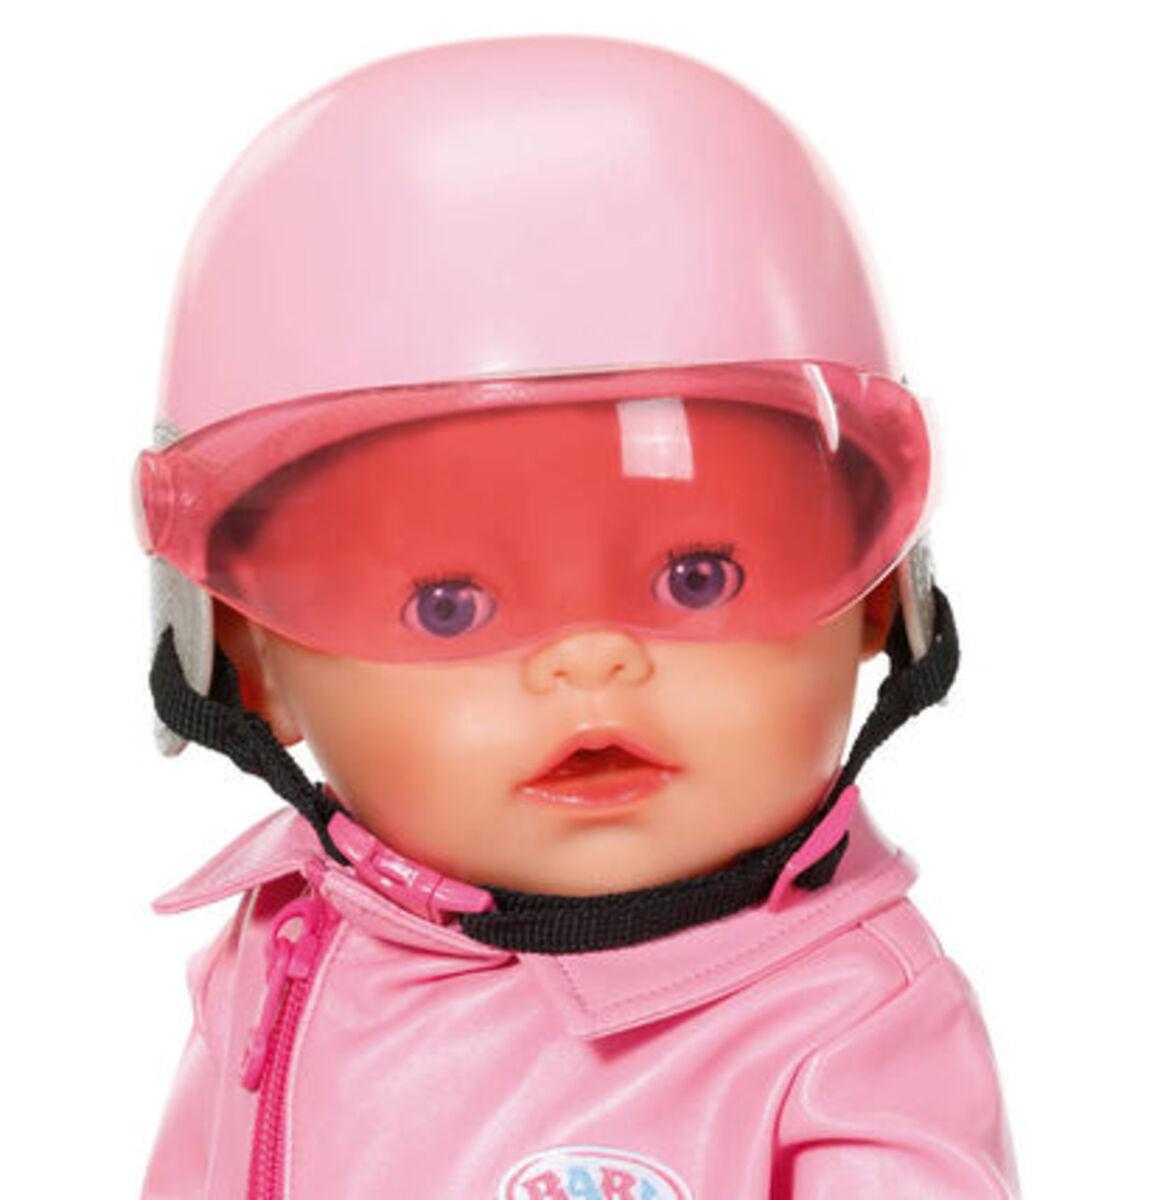 Bild 3 von Zapf Creation® City Scooter-Helm